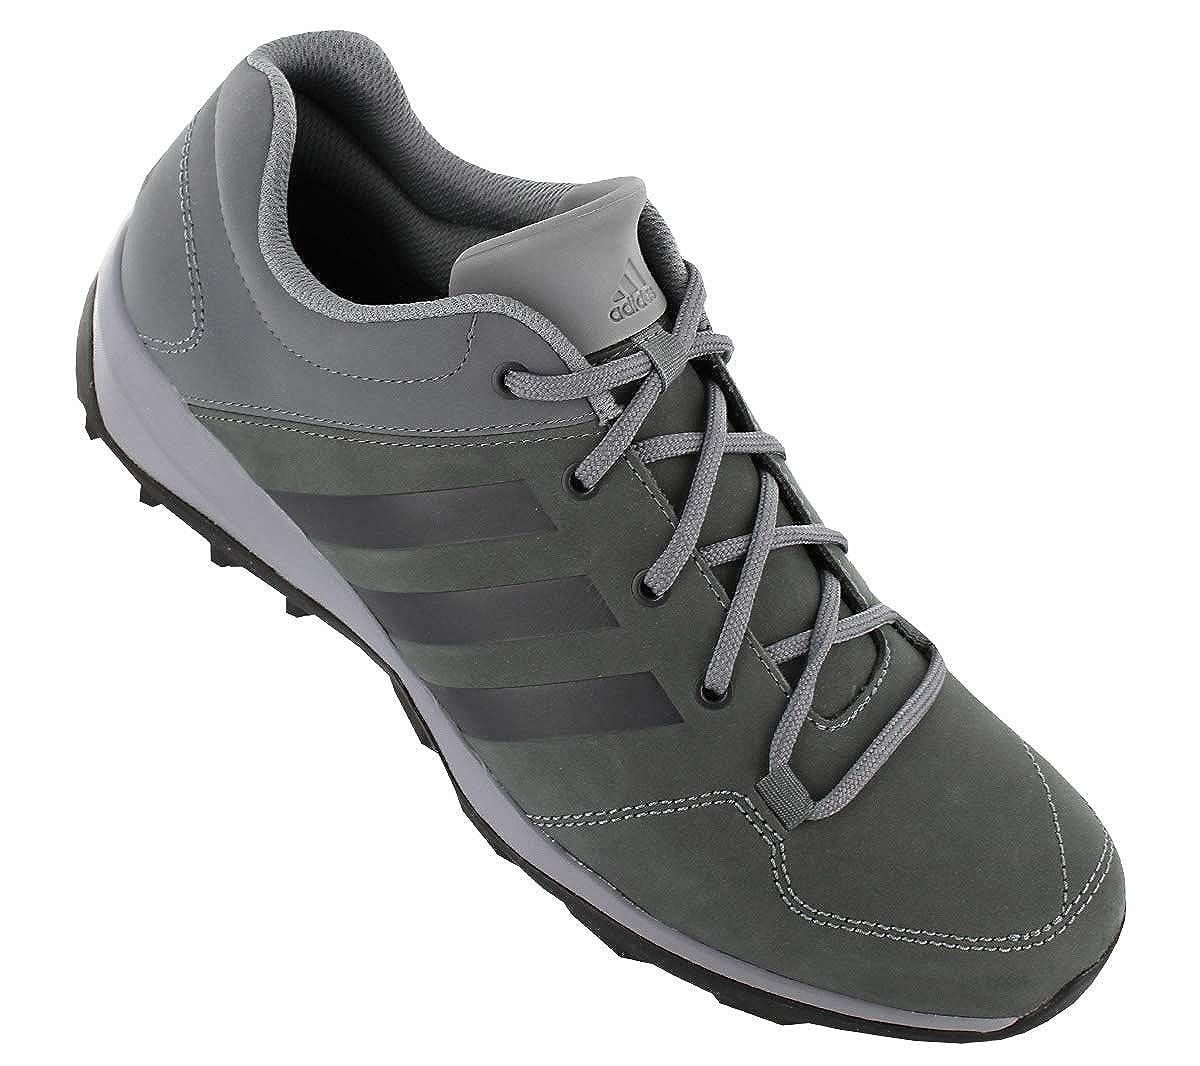 Adidas Daroga Leder Plus Leather Herren Outdoor Schuhe Grau